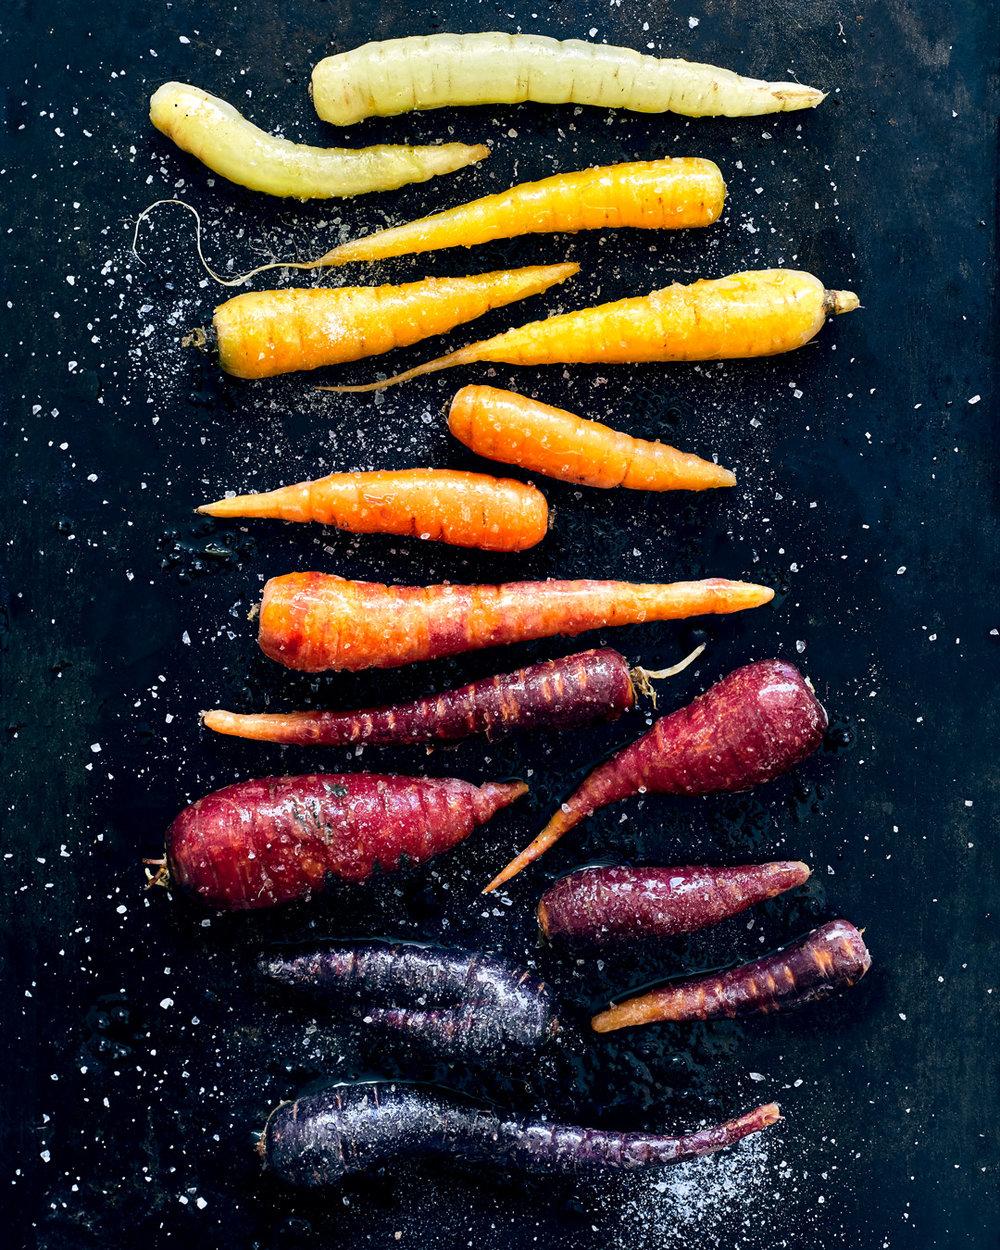 carrots-instagram-crop4.jpg